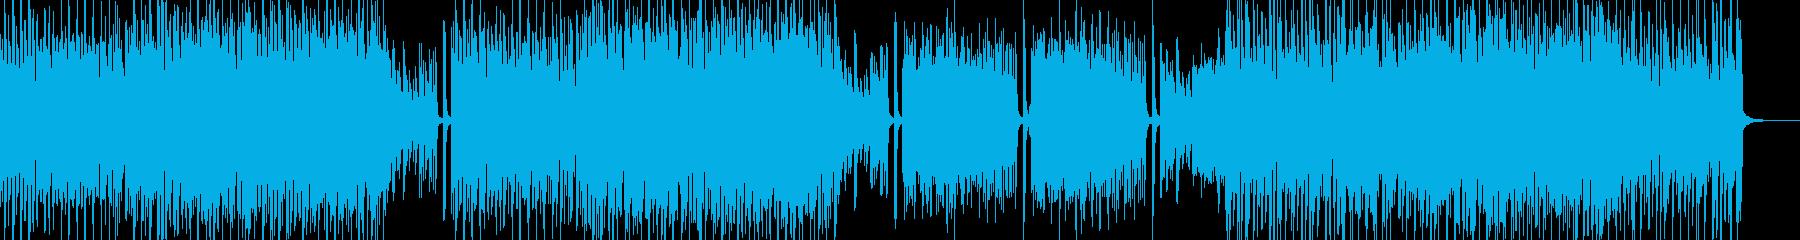 親近感のある動画に・スマートポップ A2の再生済みの波形